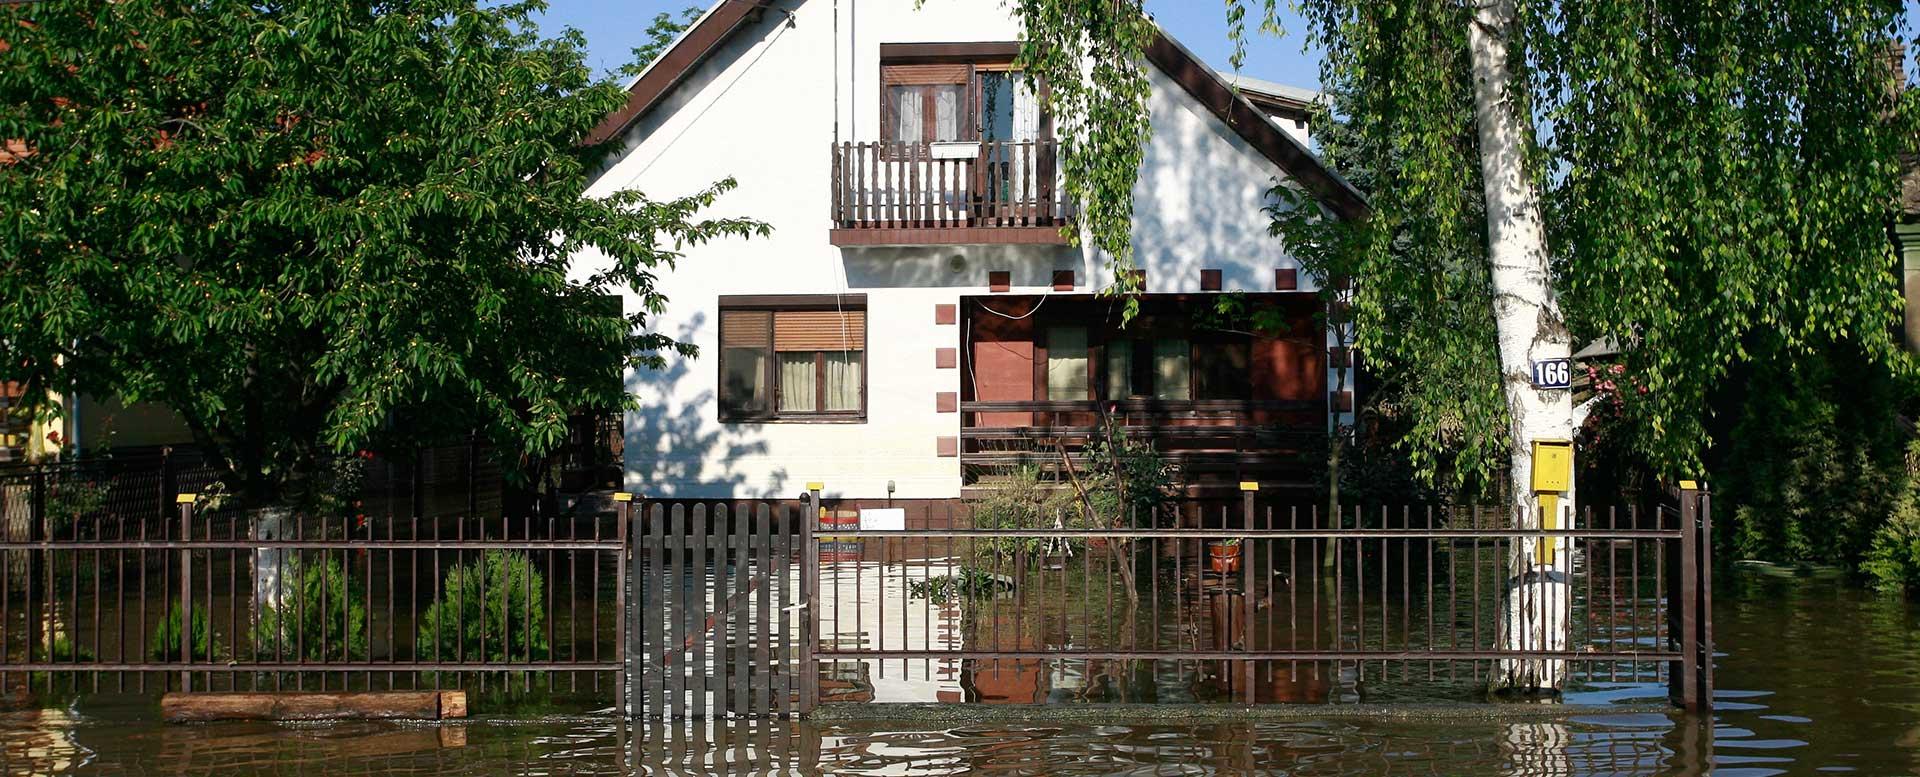 Schäden am Haus durch Starkregen